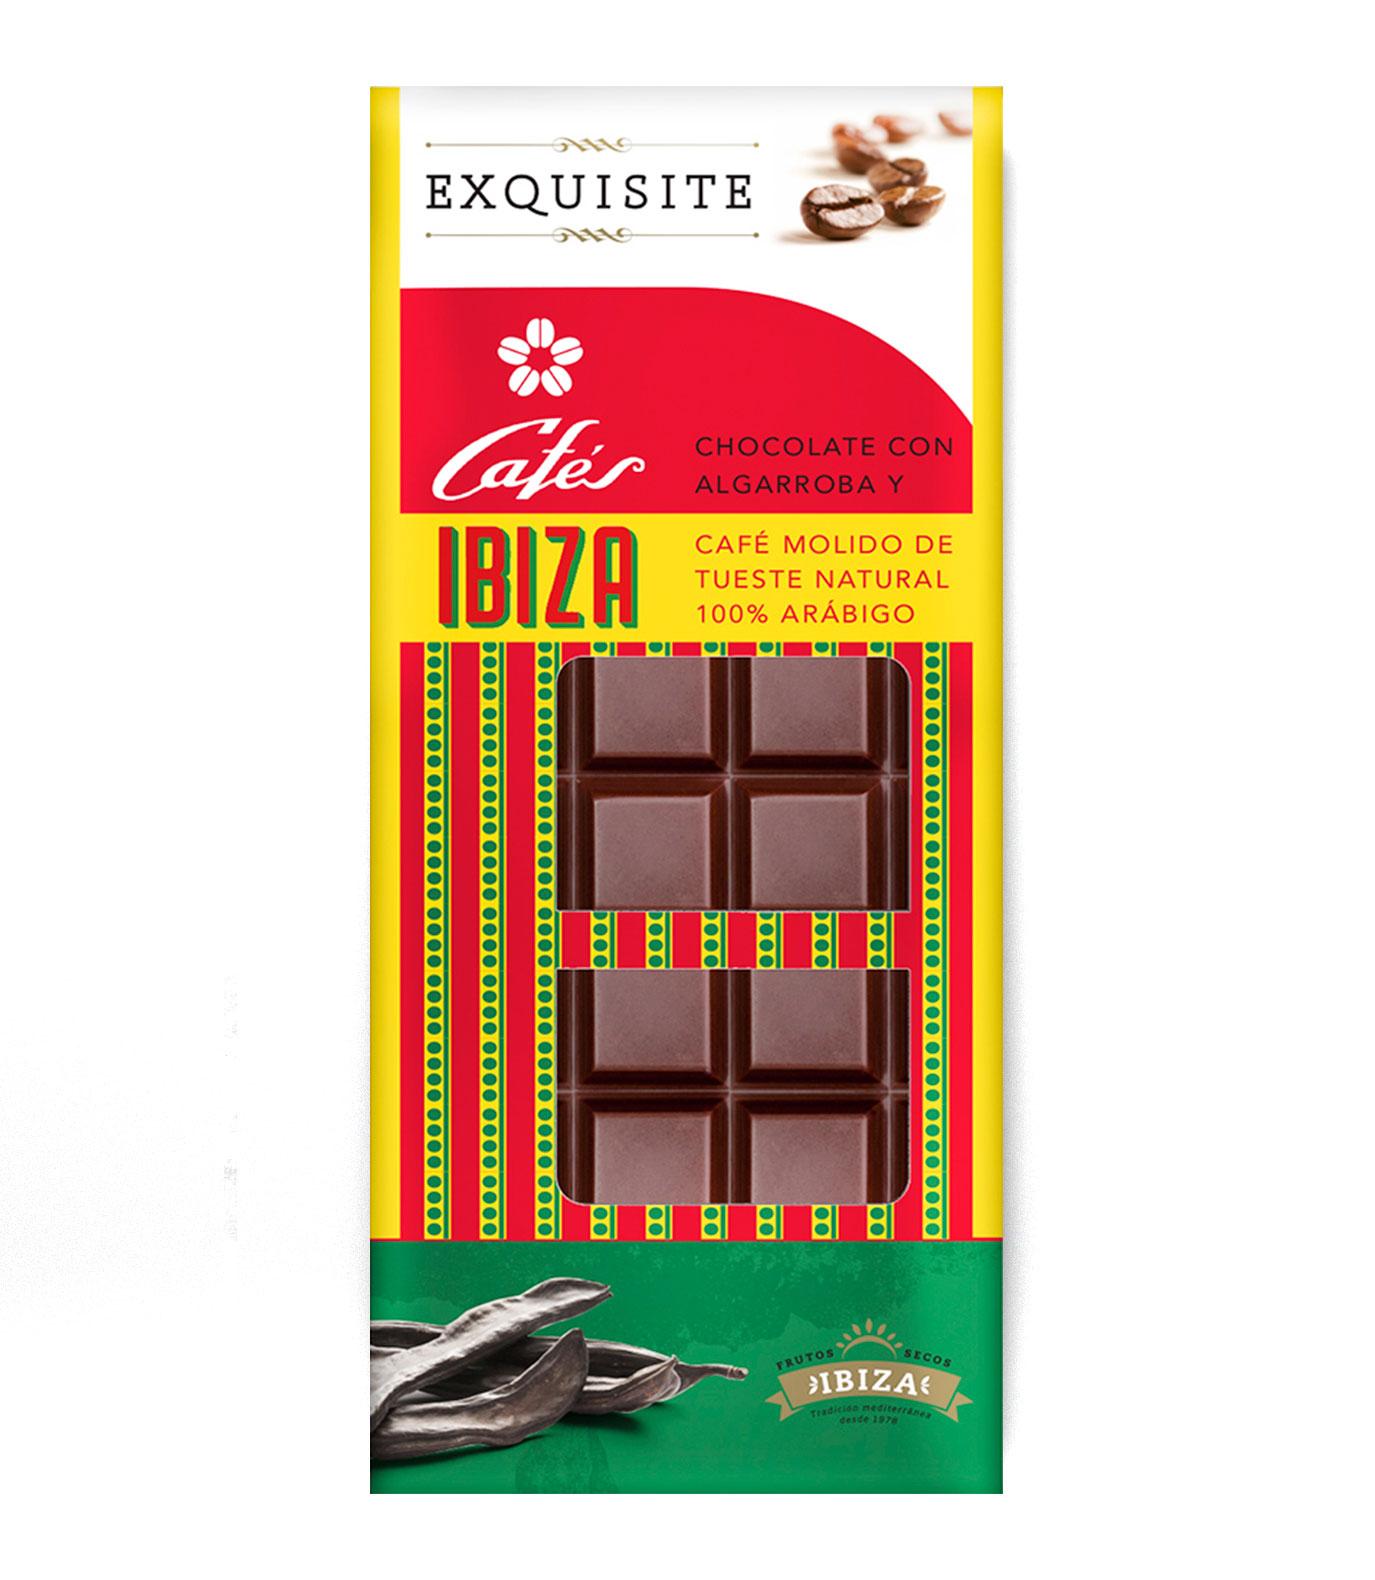 6 CHOCOLATE-CON-ALGARROBA-Y-CAFE-EXQUISITE_1